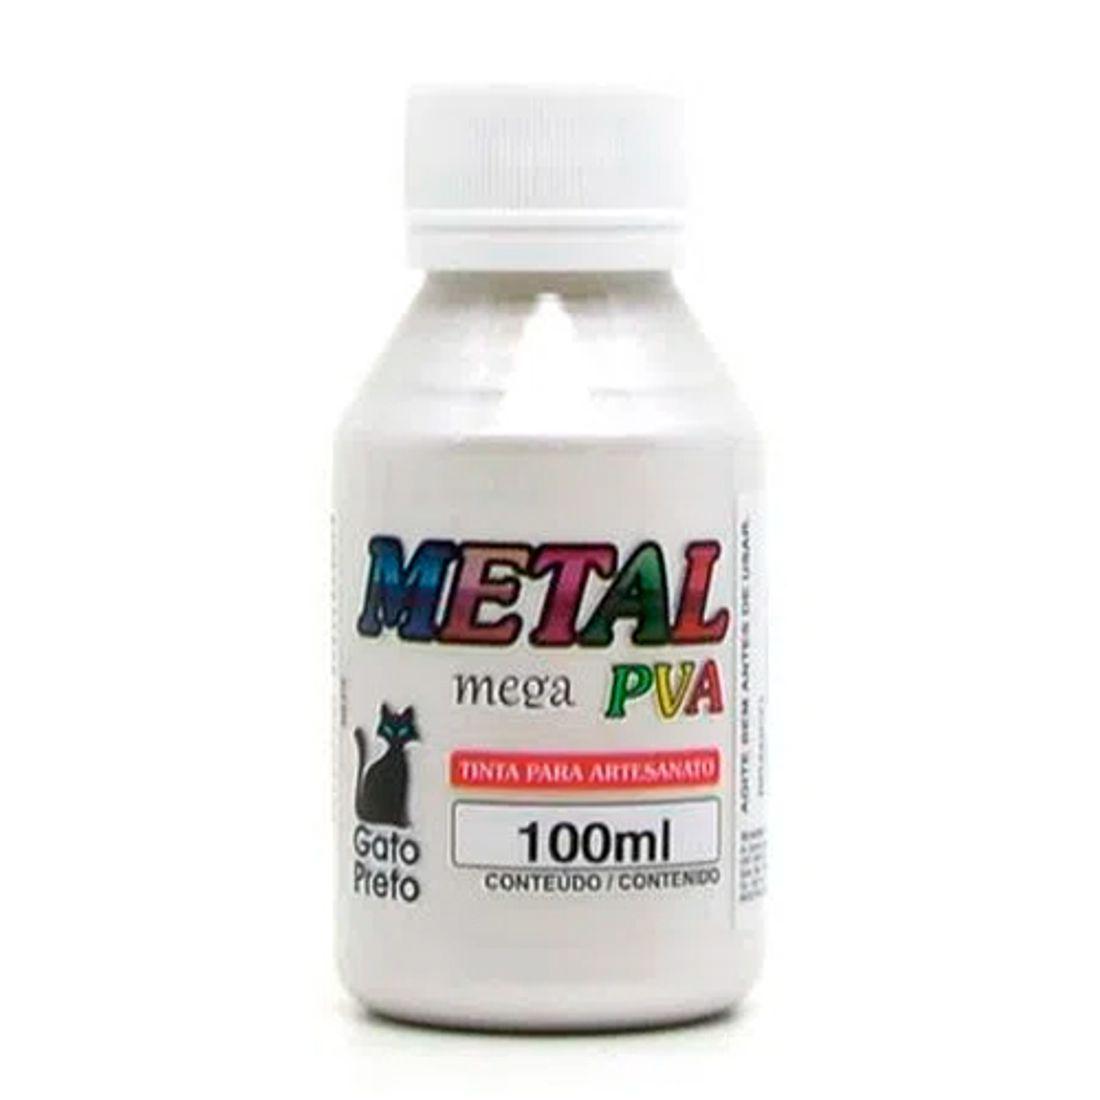 tinta-pva-metalica